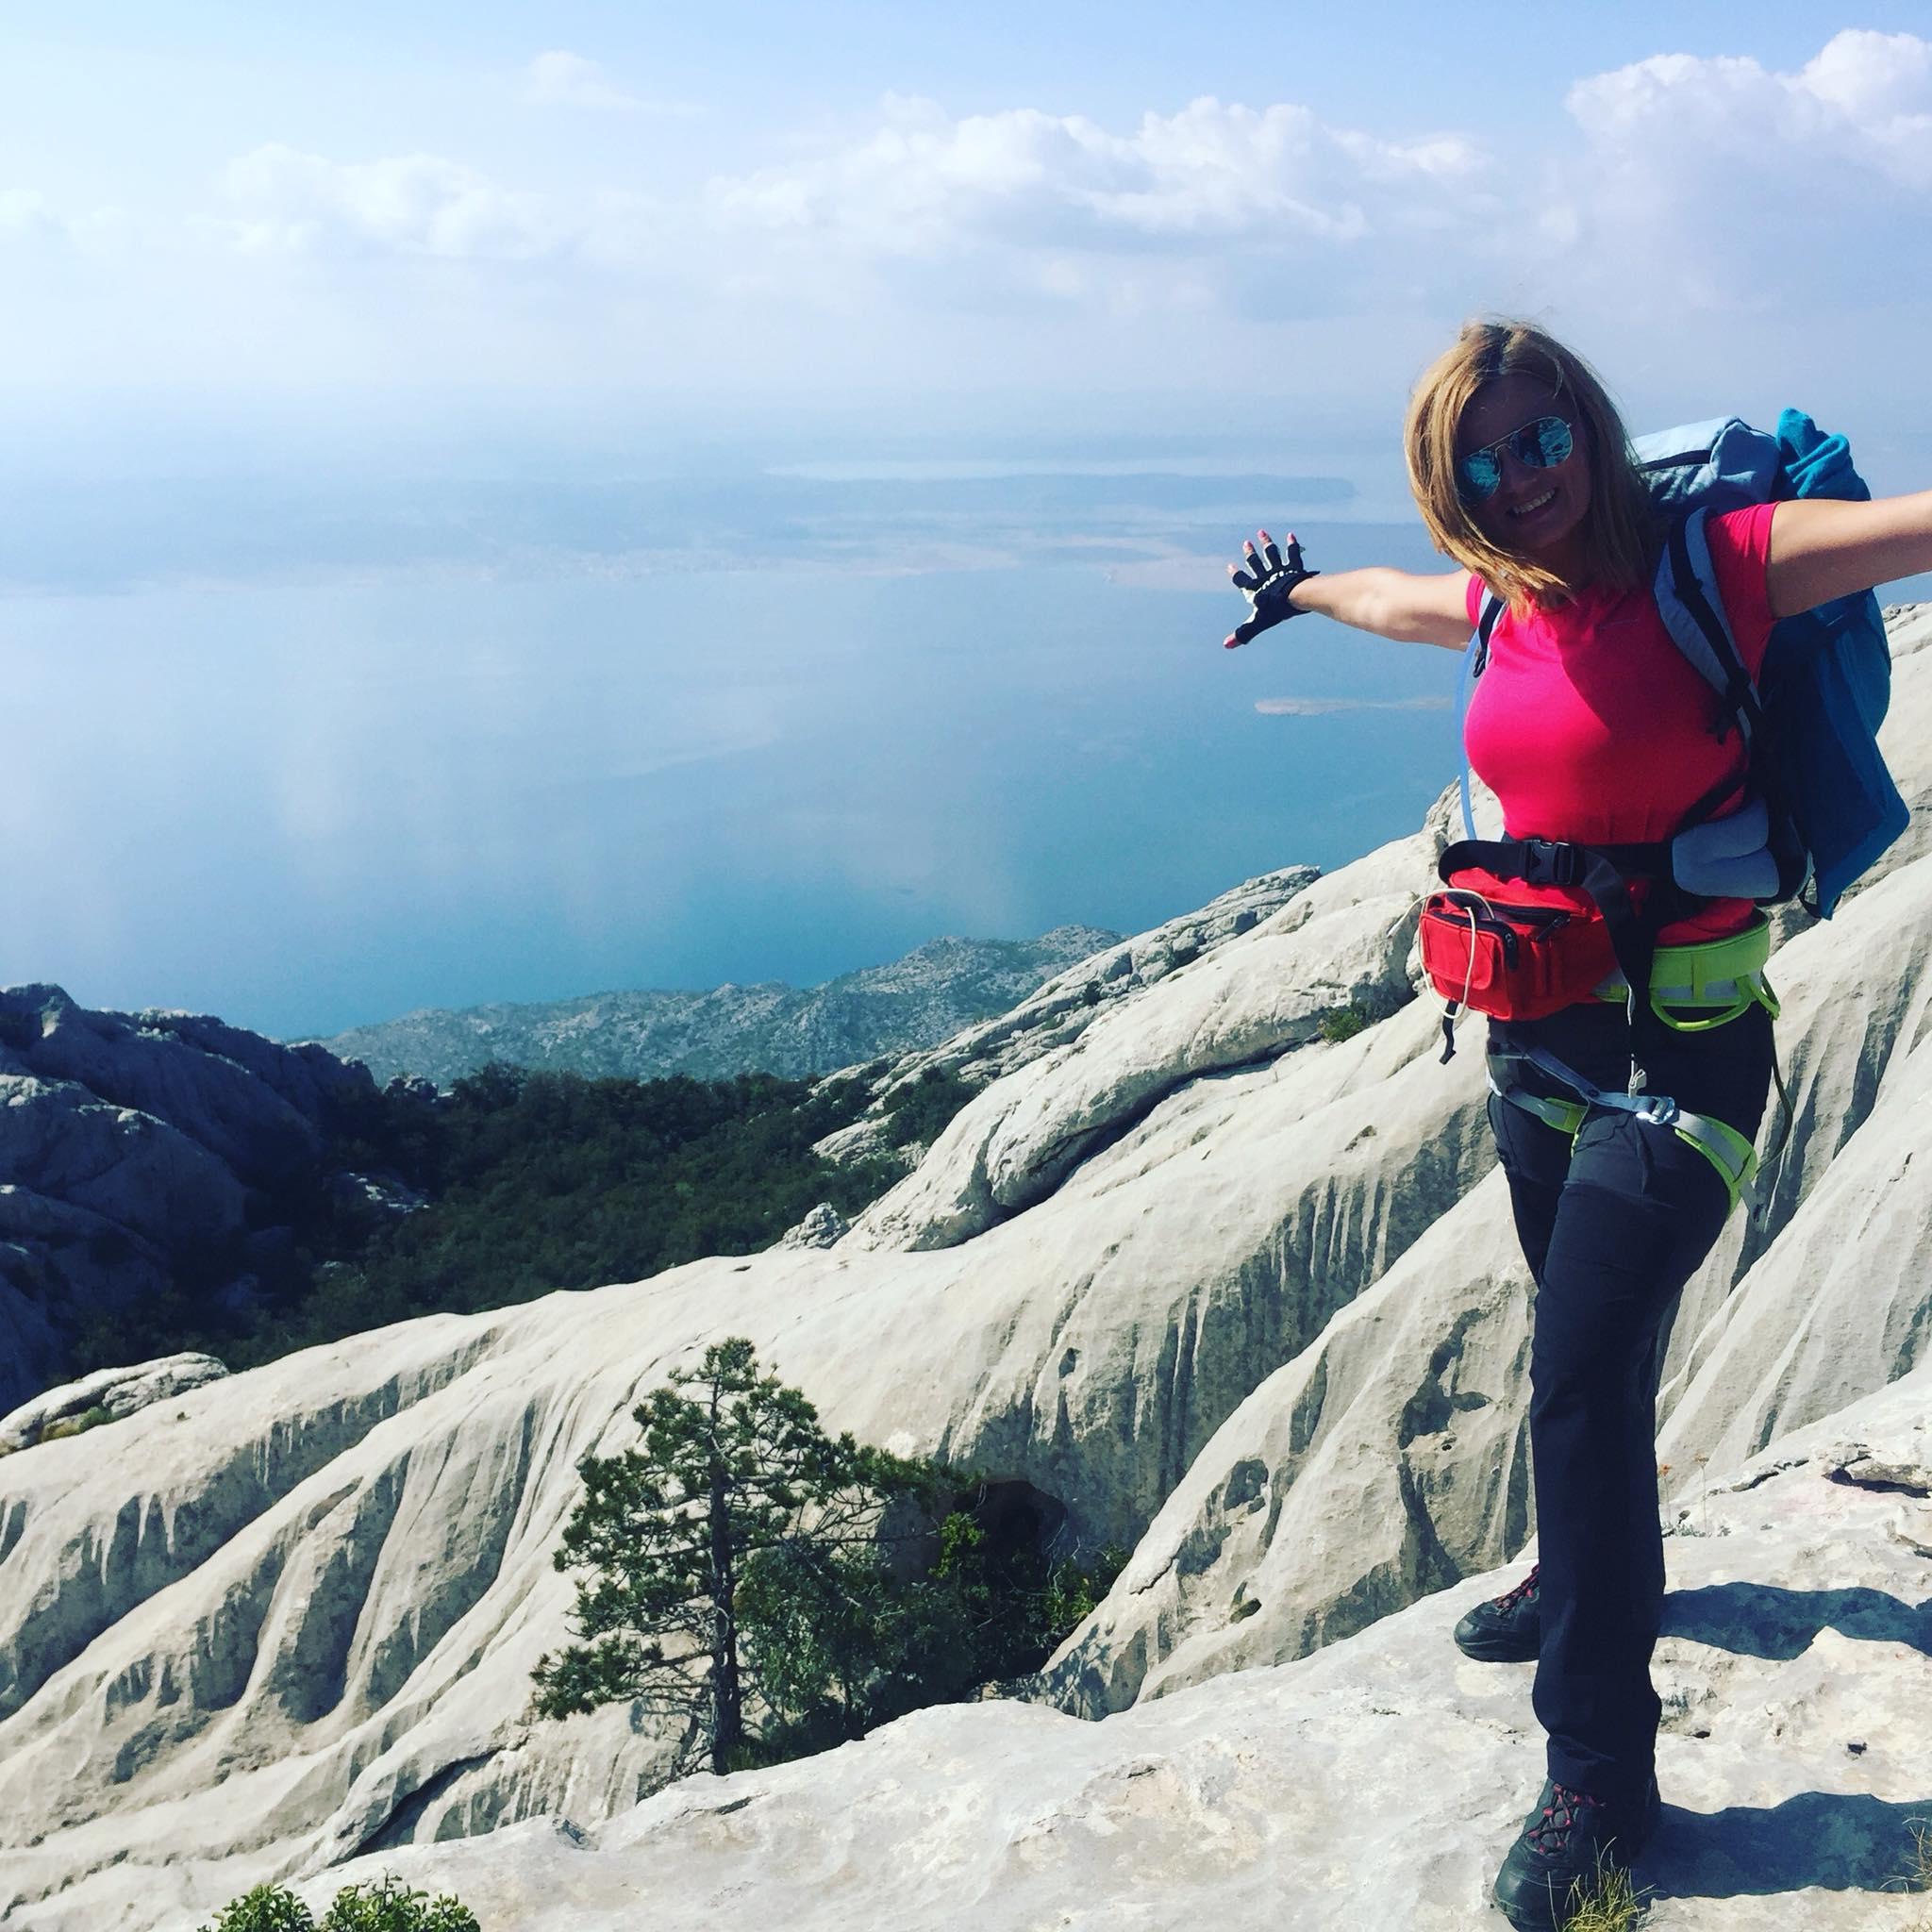 Planinarski spomenar: Aleksandra Ljuba